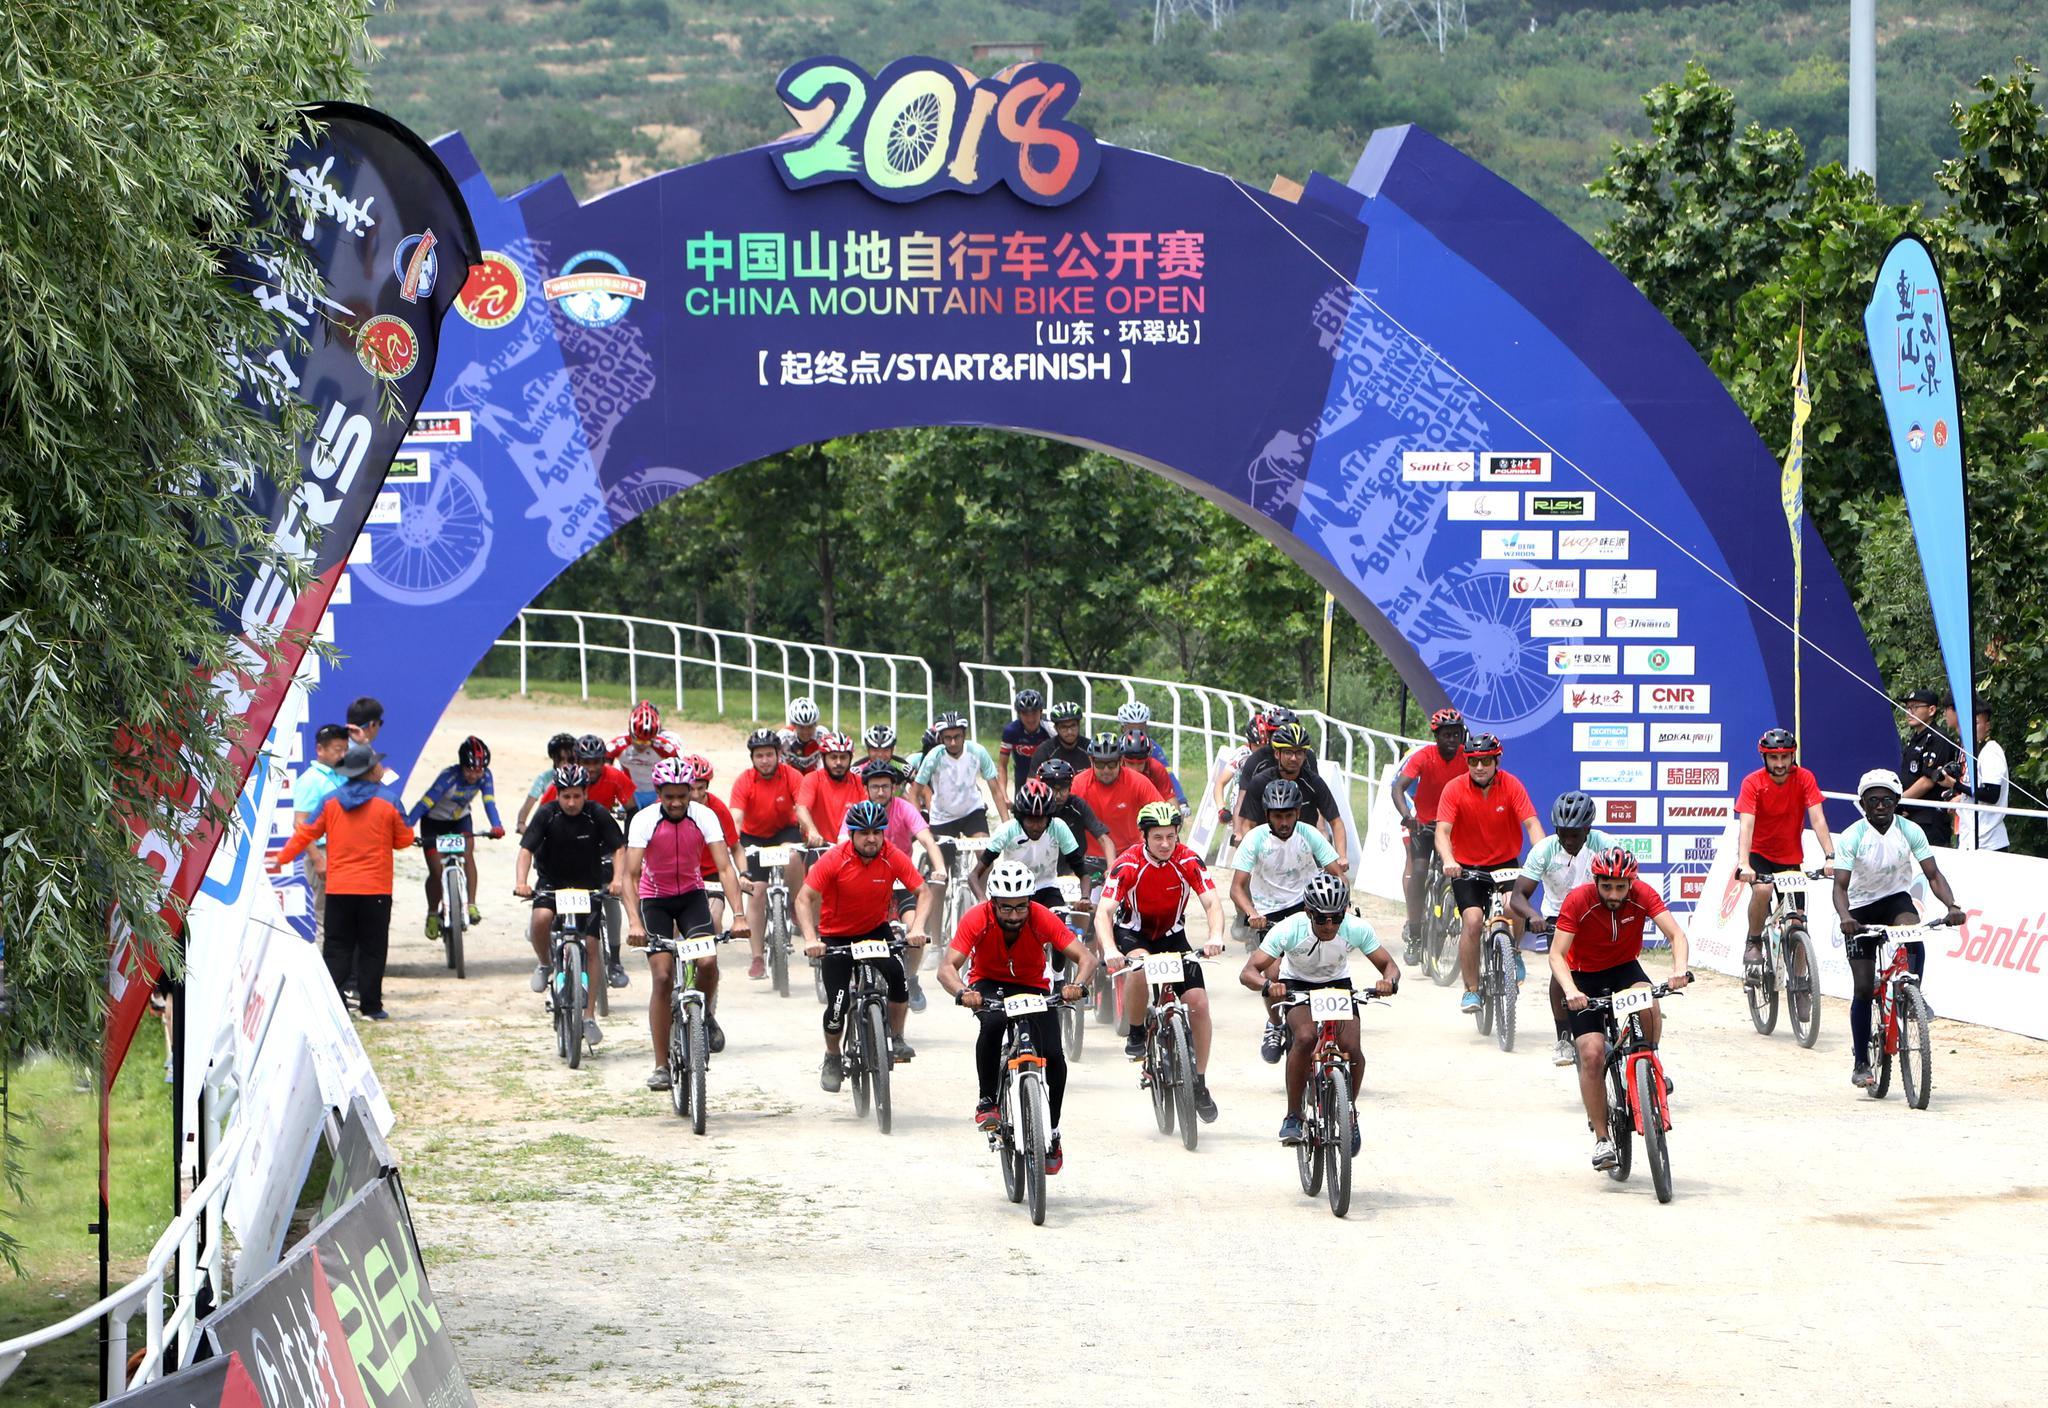 中国山地自行车公开赛10月份走进环翠区